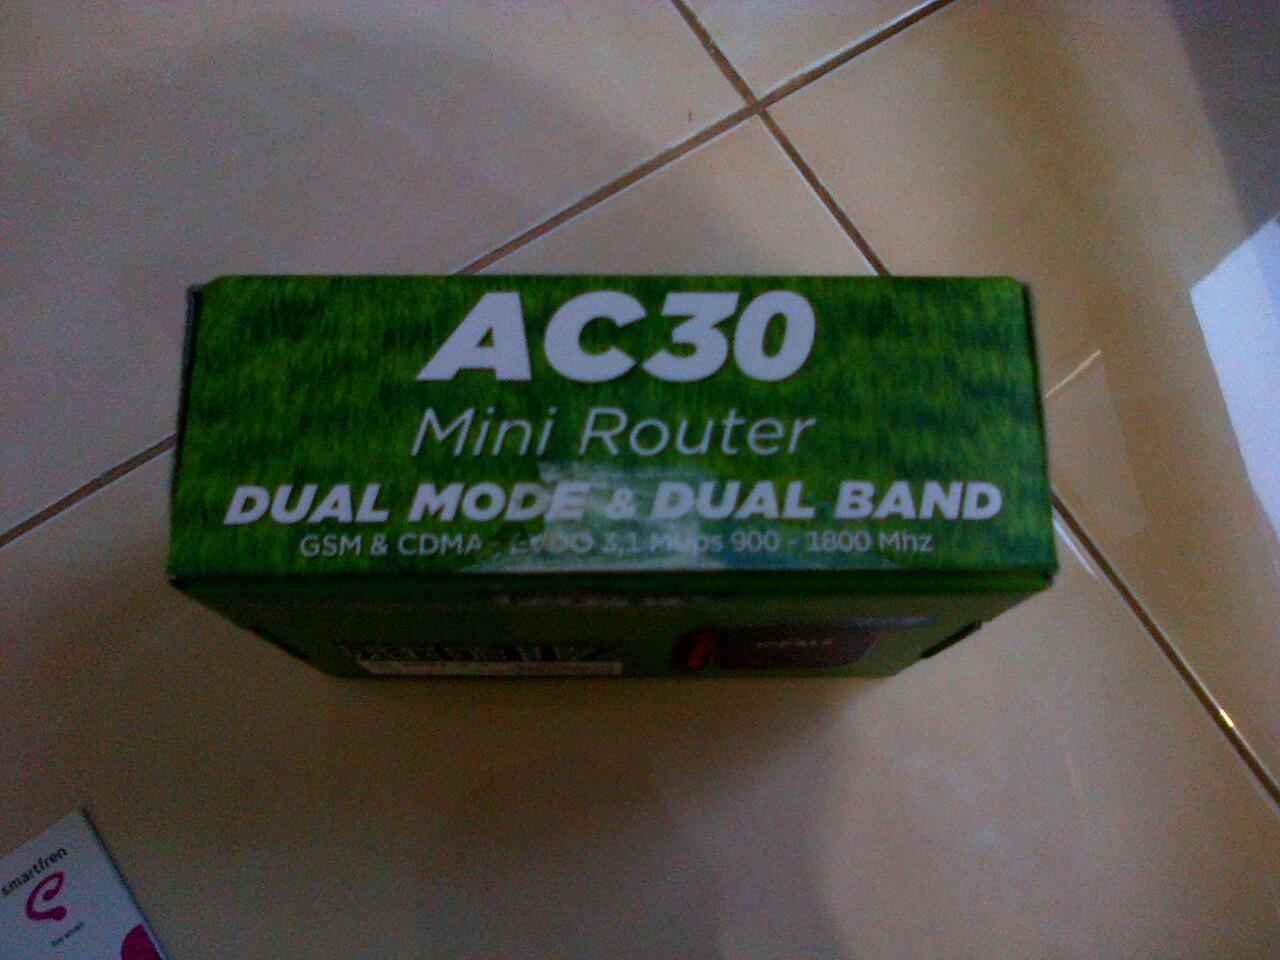 dijual modem ac30 mini router